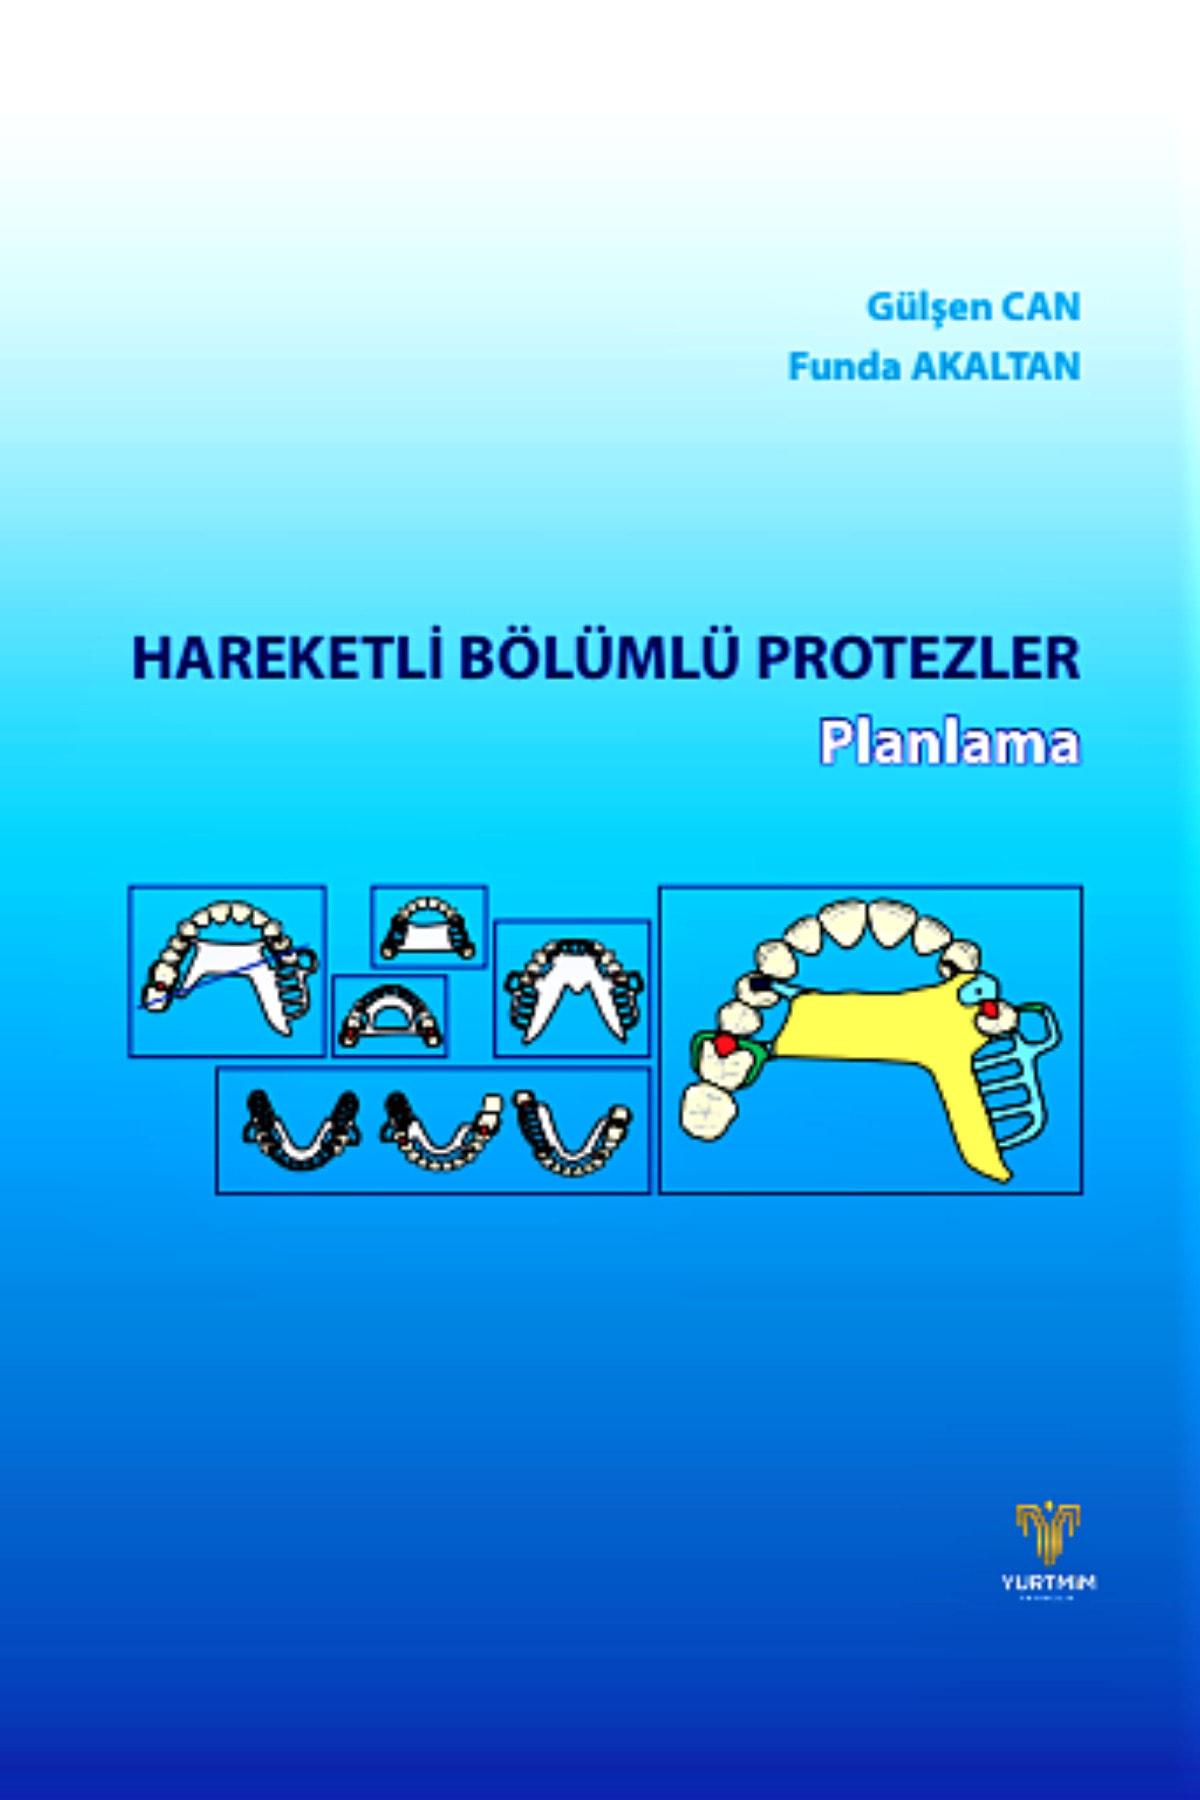 Yurtmim Yayıncılık Hareketli Bölümlü Protezler Planlama